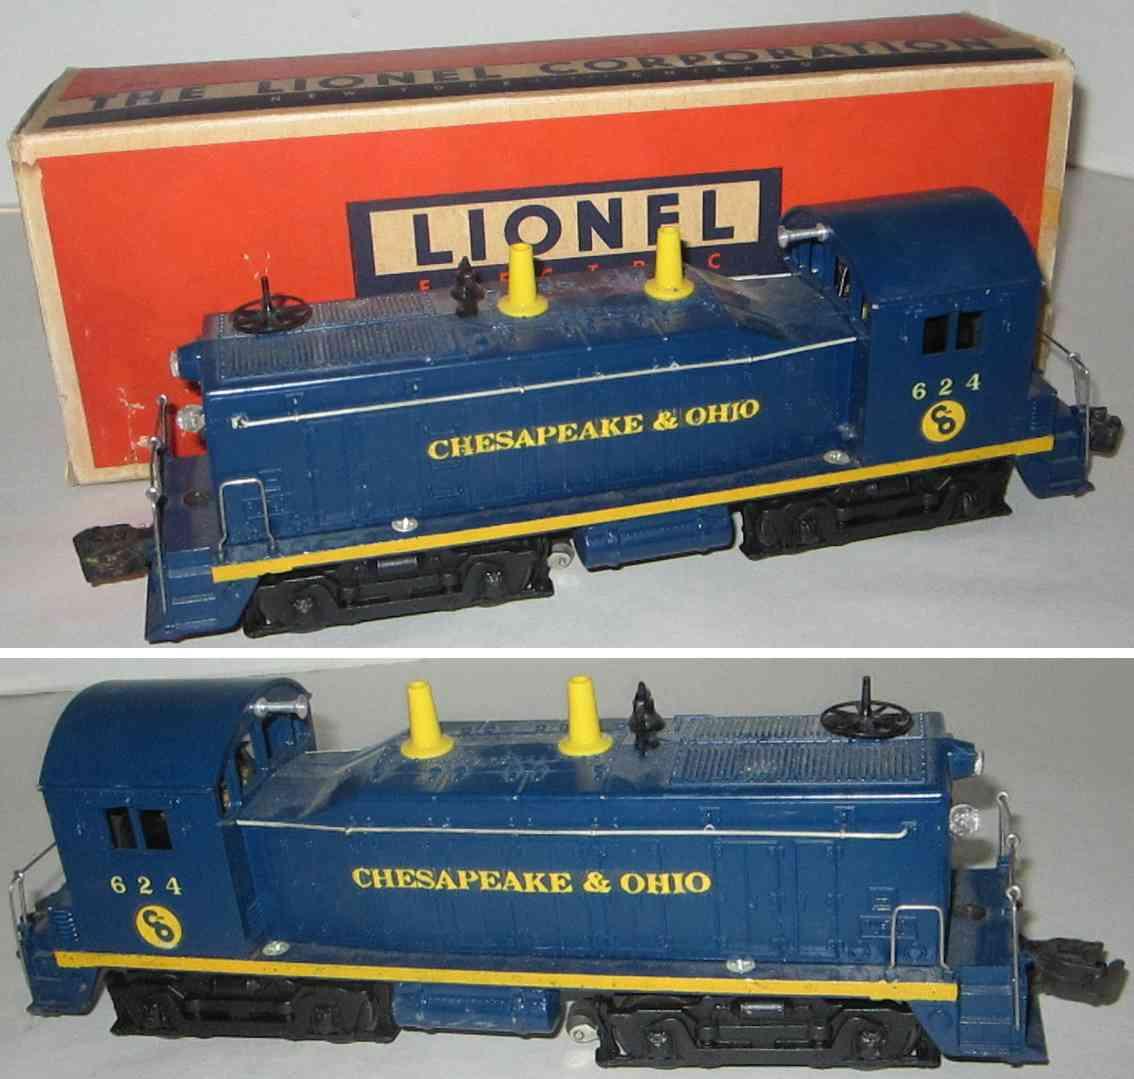 lionel 624 spielzeug eisenbahn chesapeake & ohio diesellokomotive spur 0